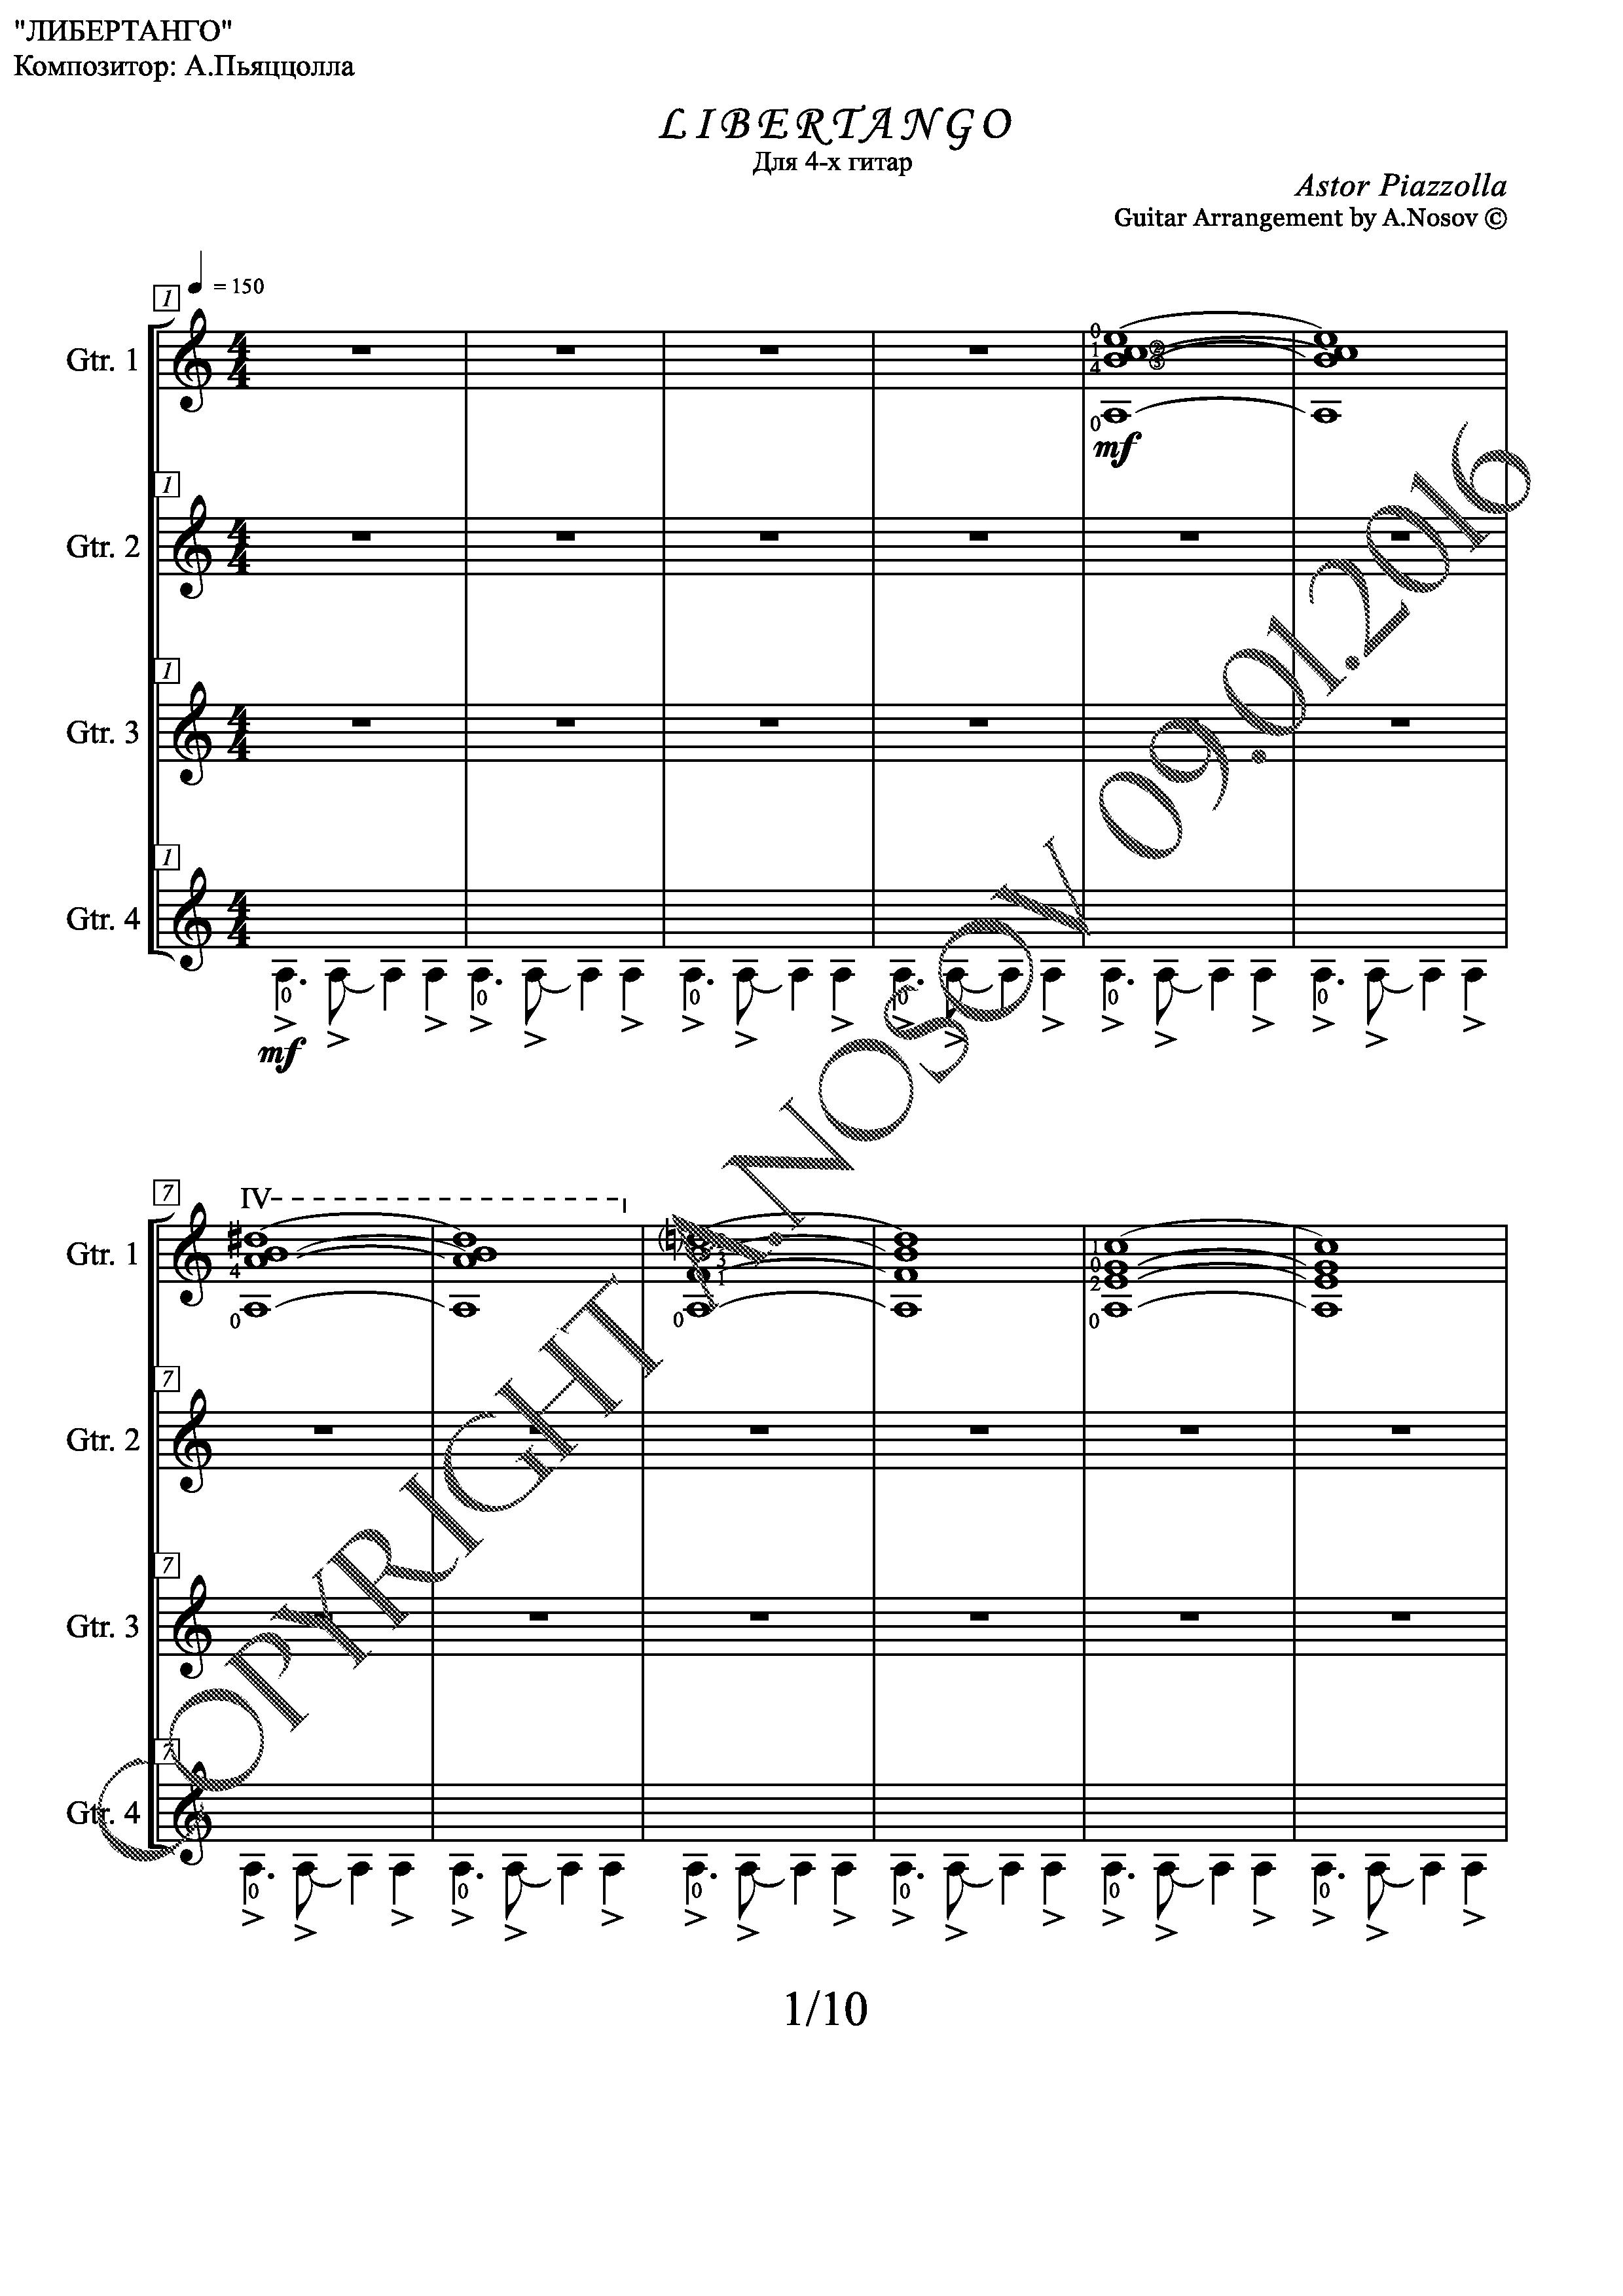 Либертанго (Ноты для квартета гитаристов)